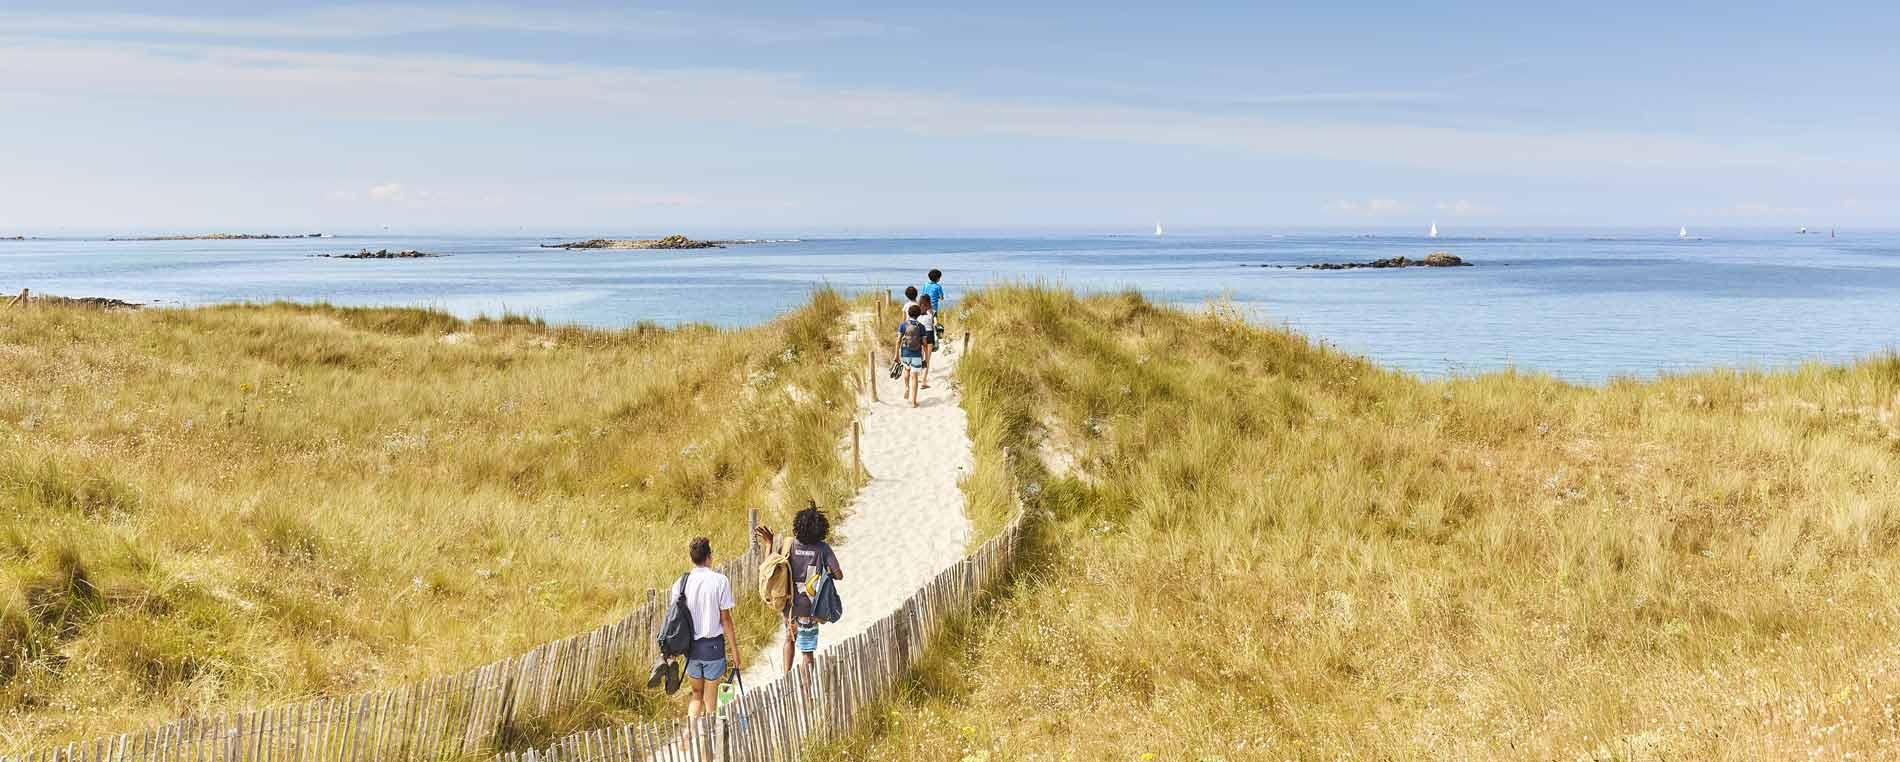 Les dunes de Sainte-Marguerite aux confins des abers